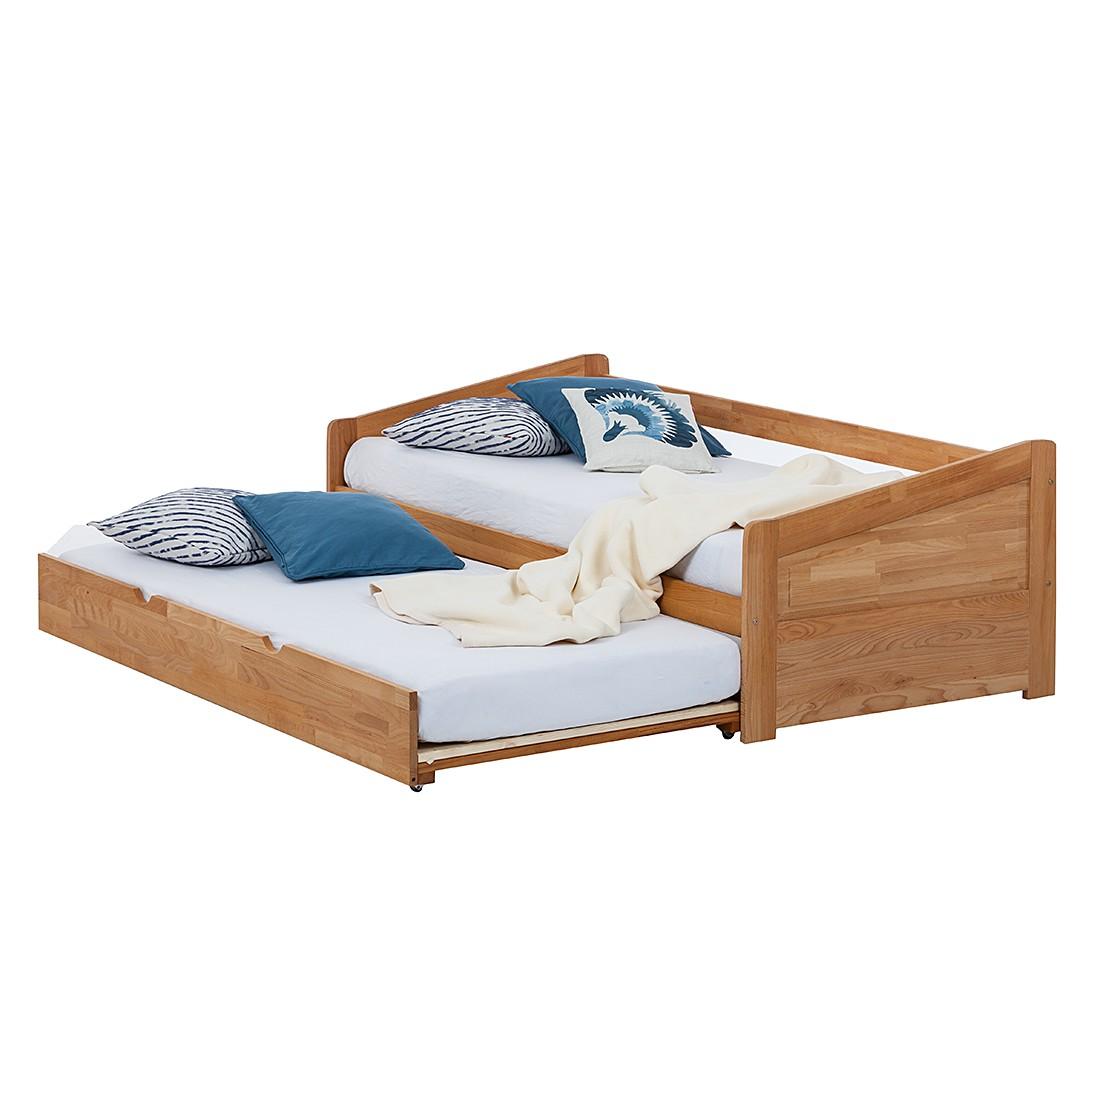 Slaapkamer bruin paars : Massief functioneel bed DemiWOOD (met extra ...